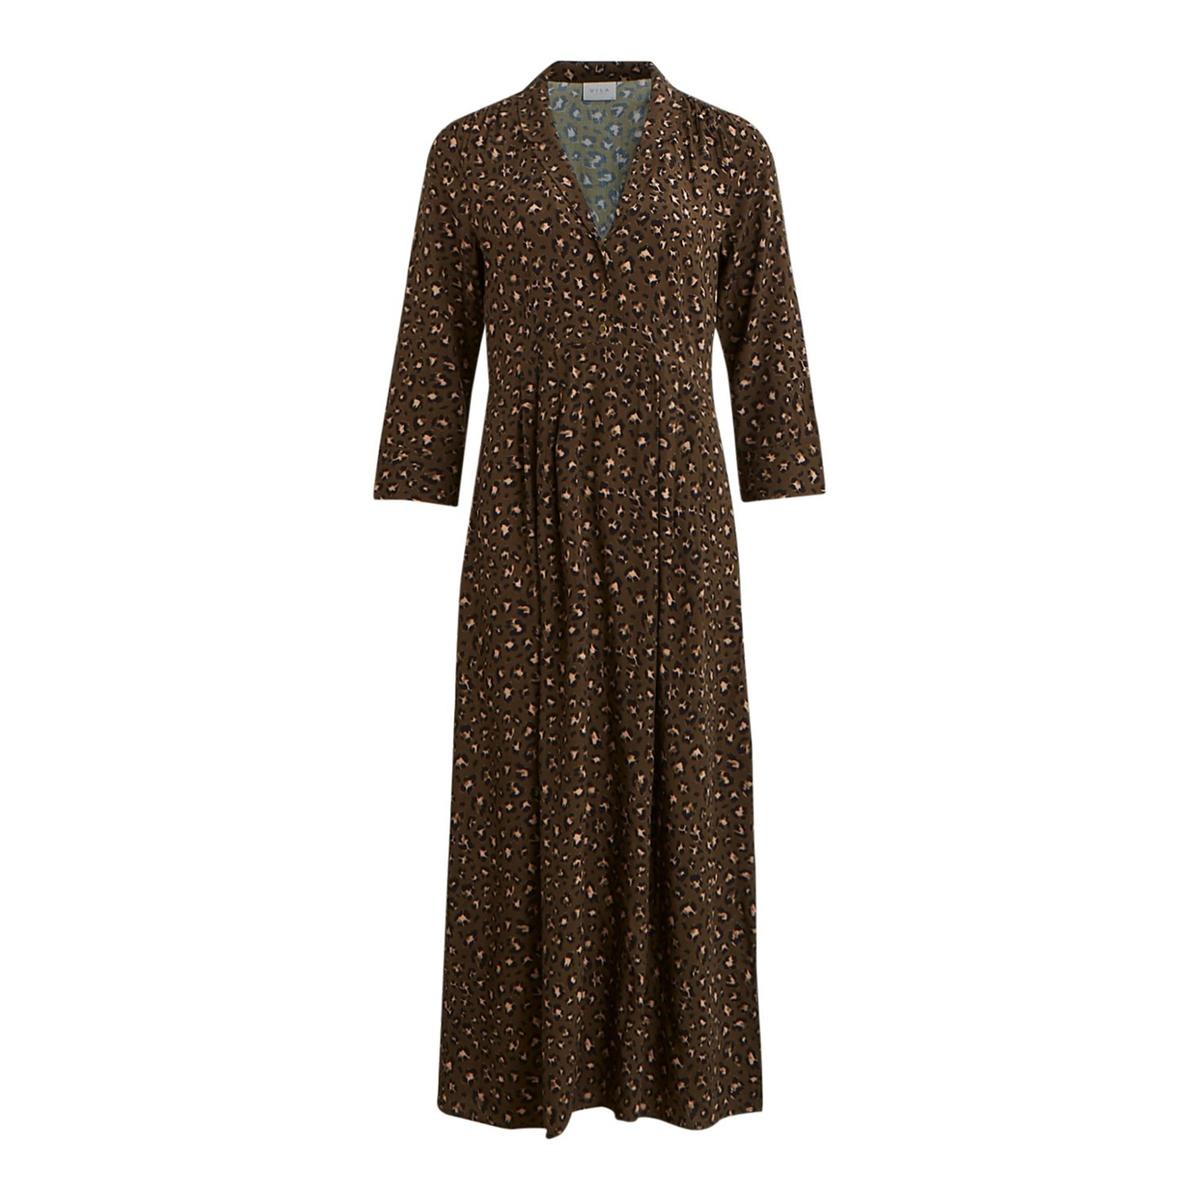 Платье La Redoute Длинное с леопардовым принтом 34 (FR) - 40 (RUS) зеленый ботильоны челси la redoute с леопардовым принтом на заднике 43 черный